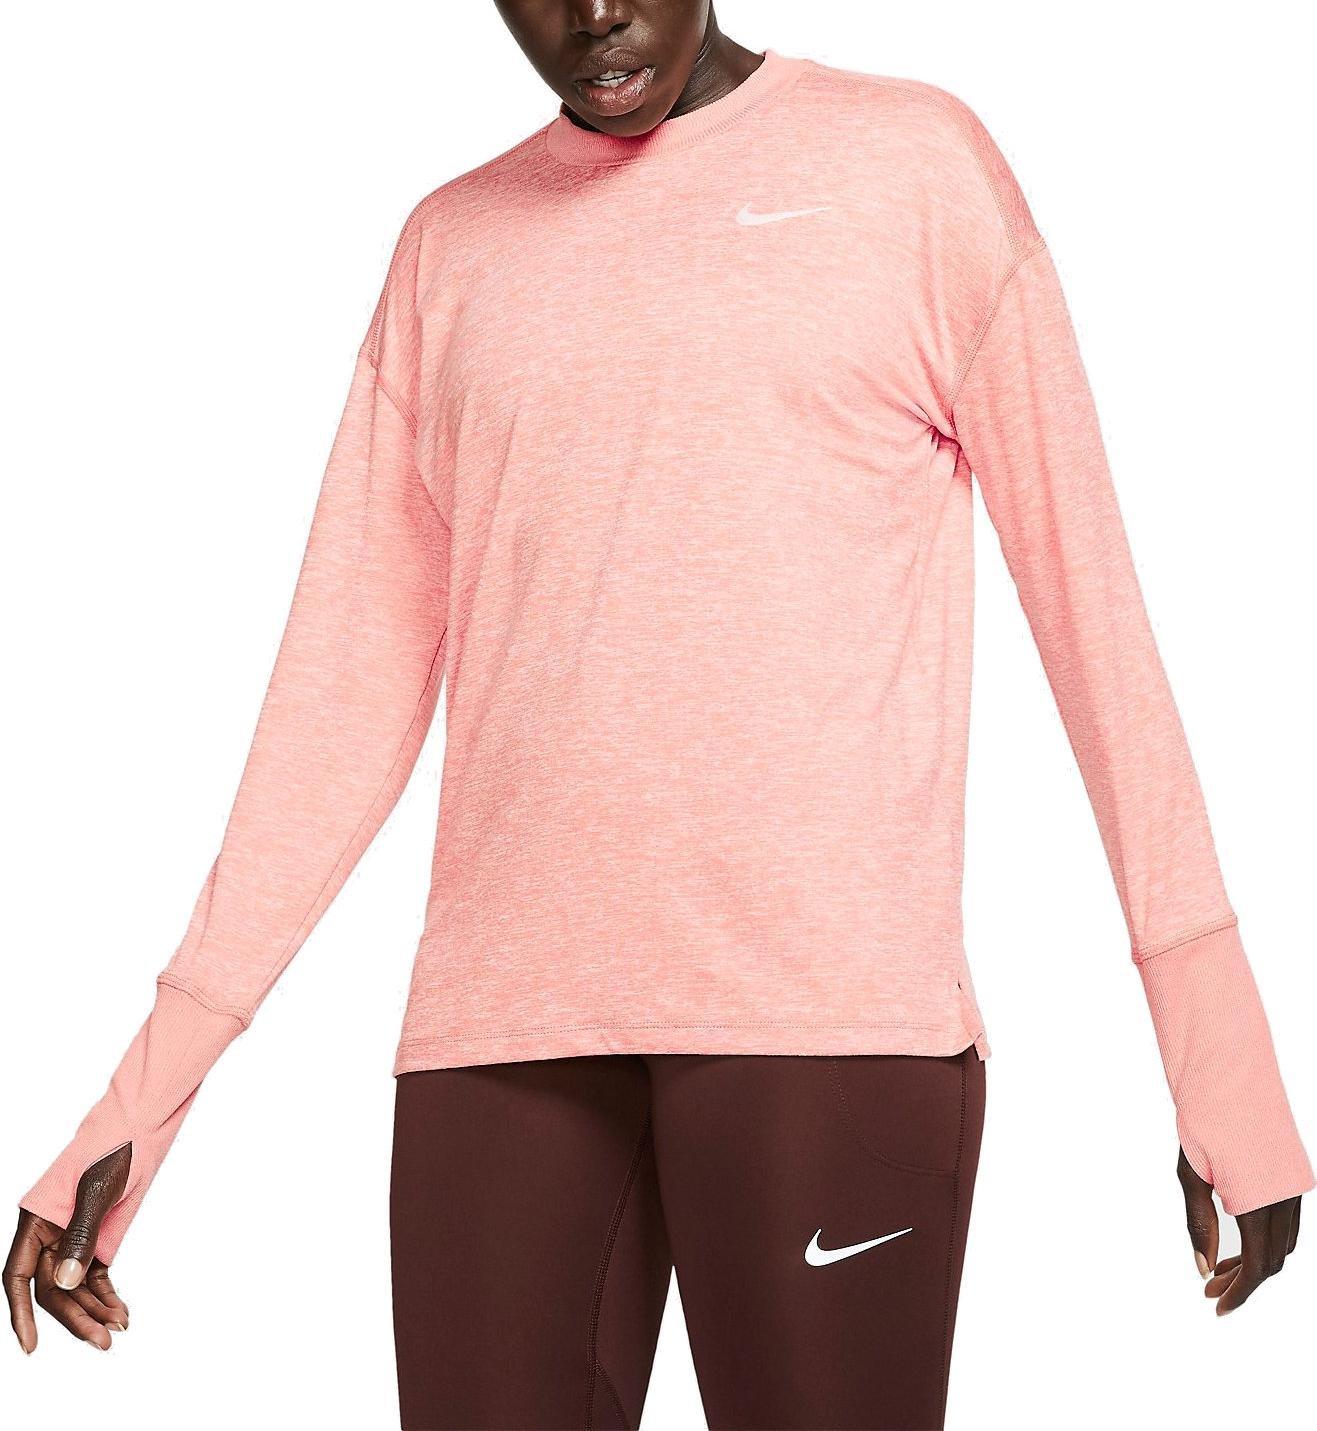 Dámský běžecký top s dlouhým rukávem Nike